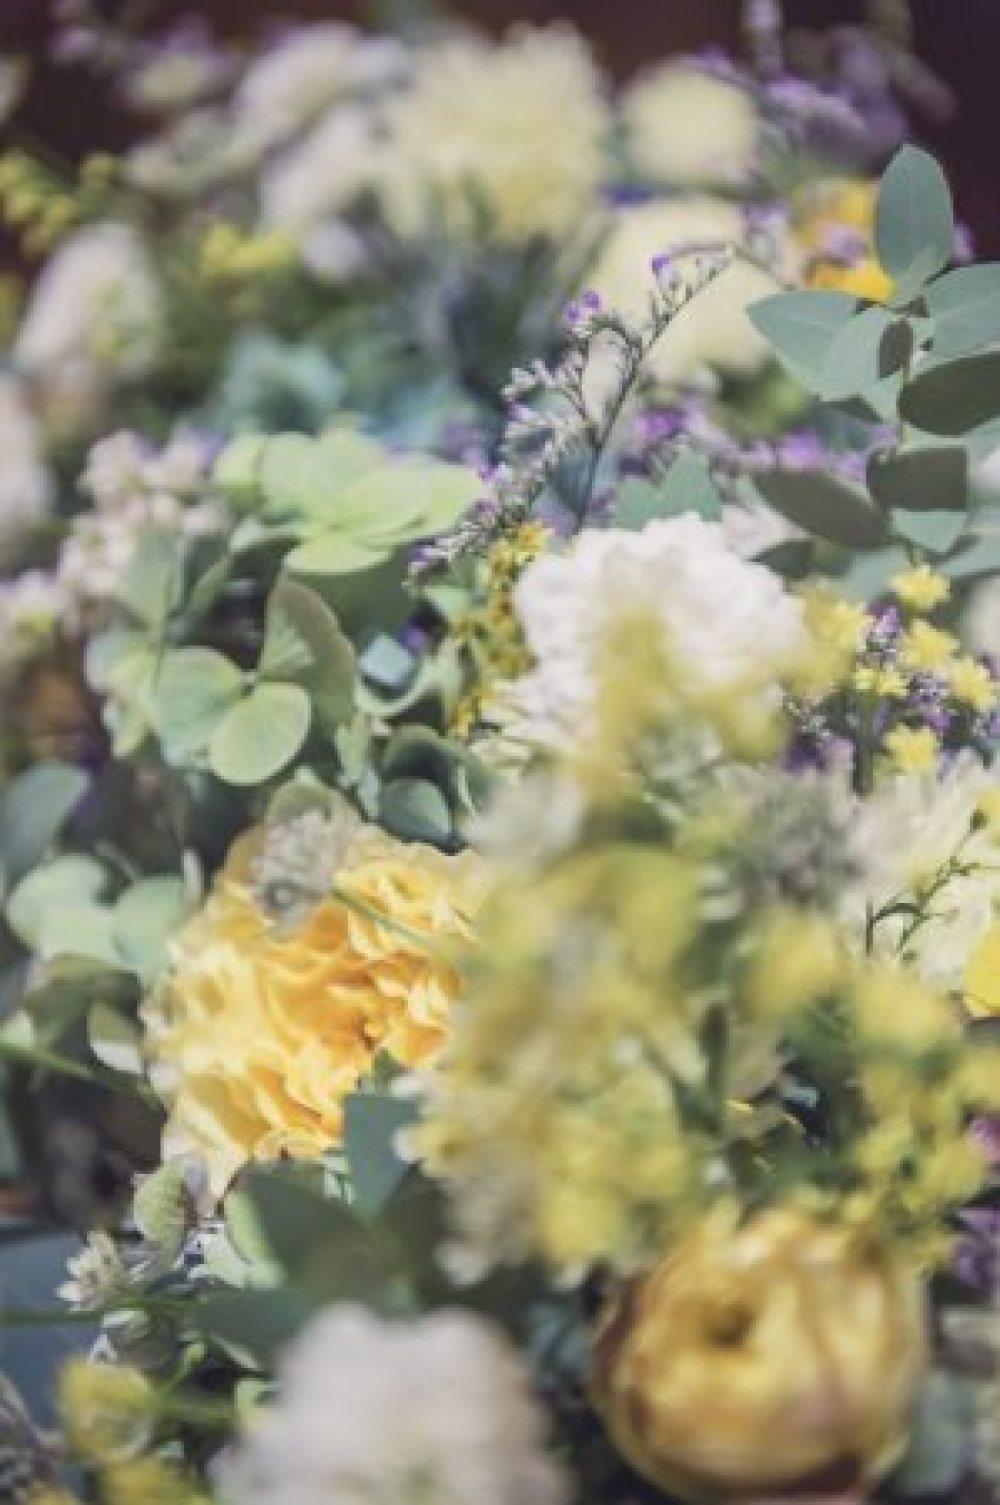 新郎新婦様からのメール 秋の装花 リストランテASOの花嫁様より_a0042928_01385137.jpg